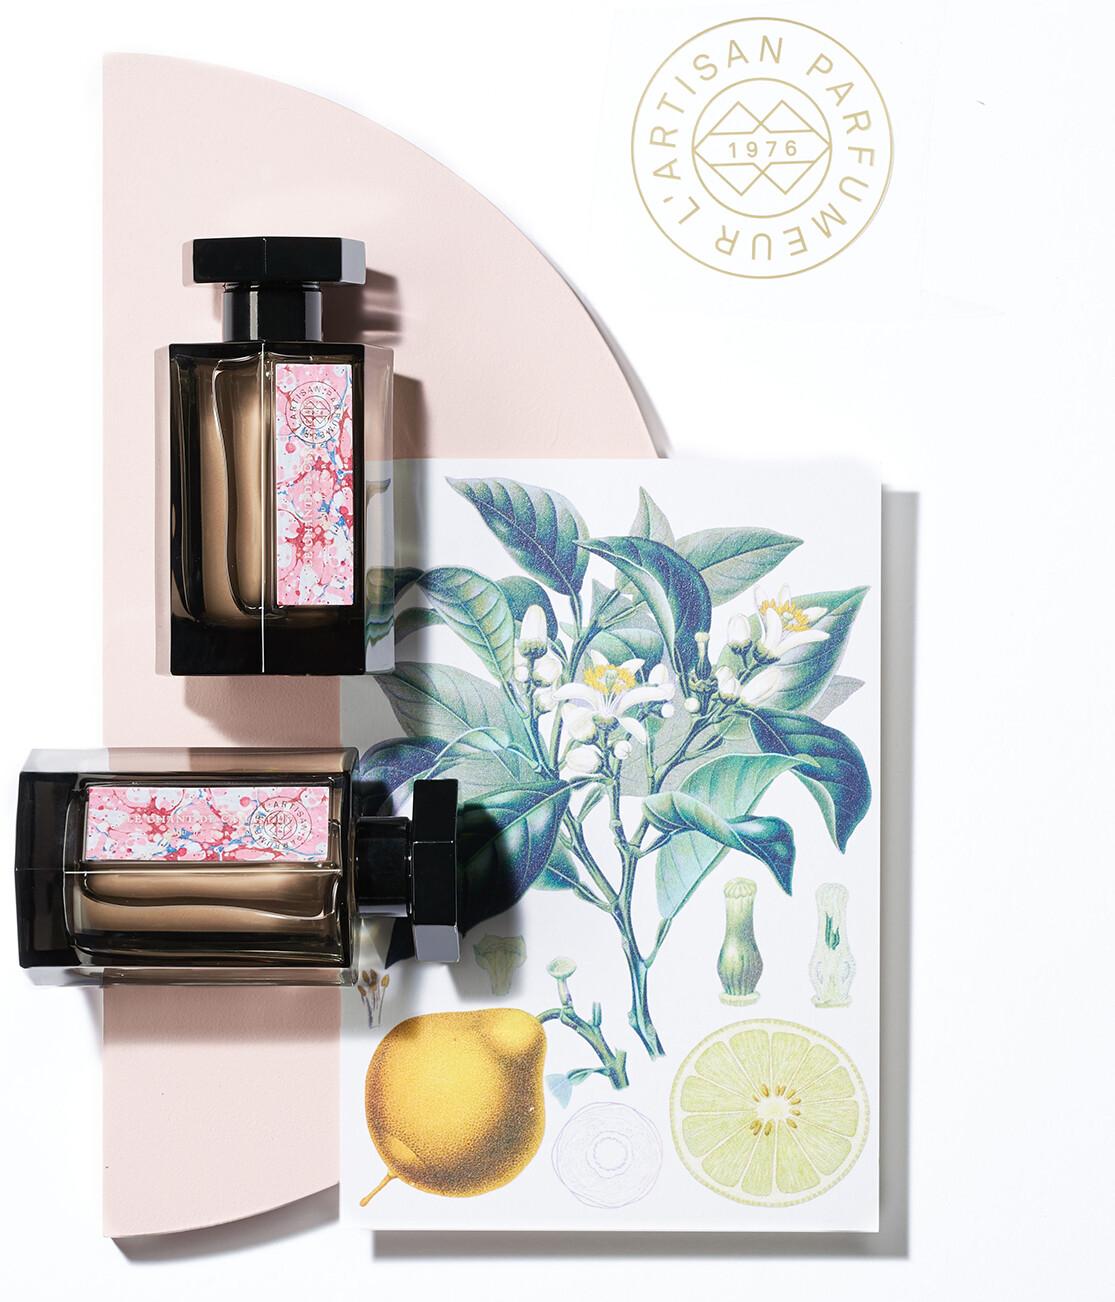 L Artisan Parfumeur Le Chant de Camargue